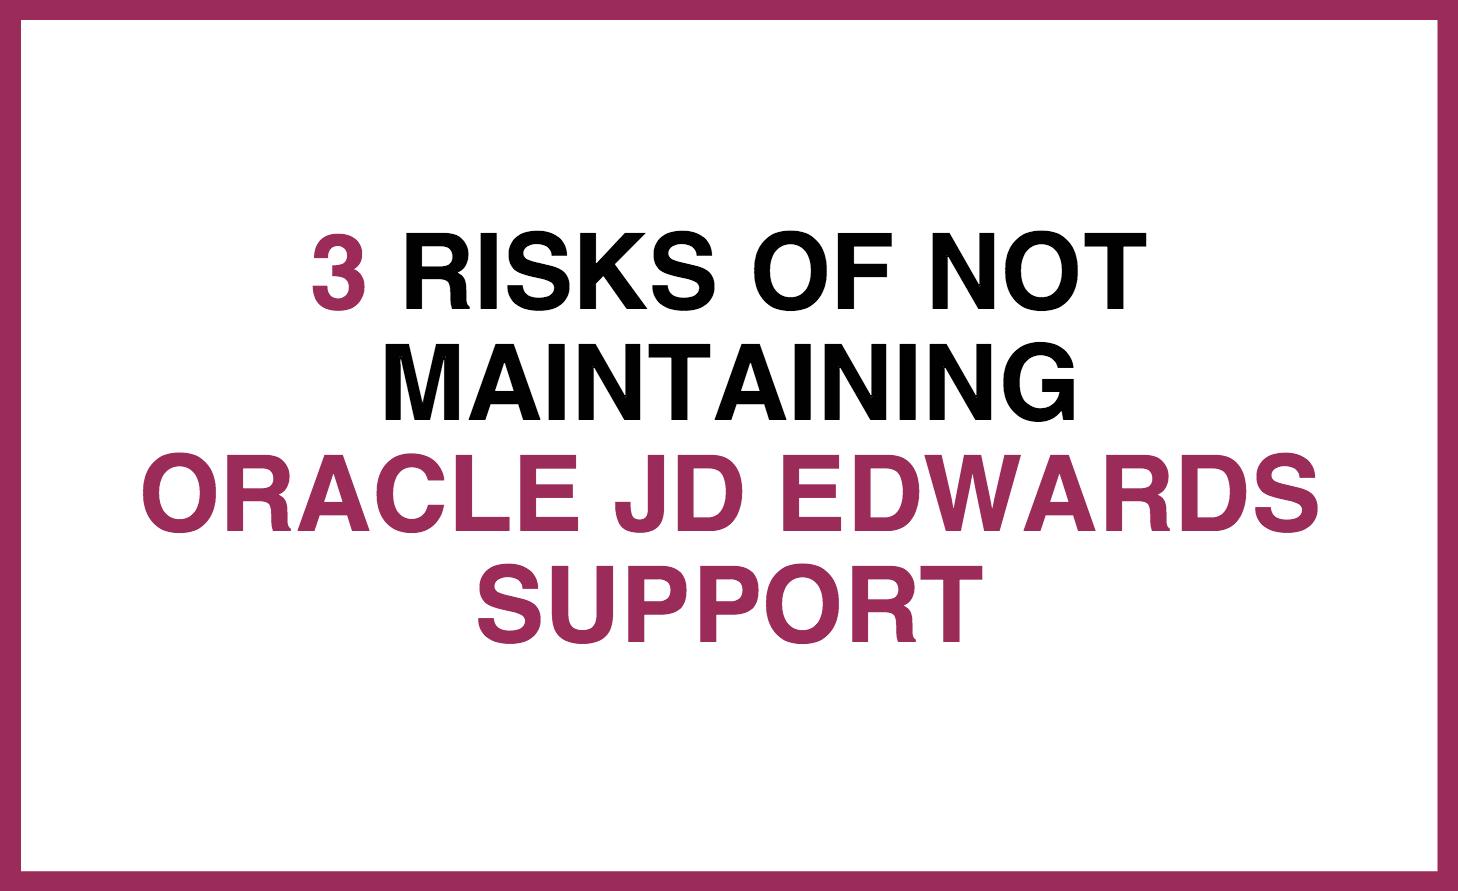 3_risks_jde_support.png